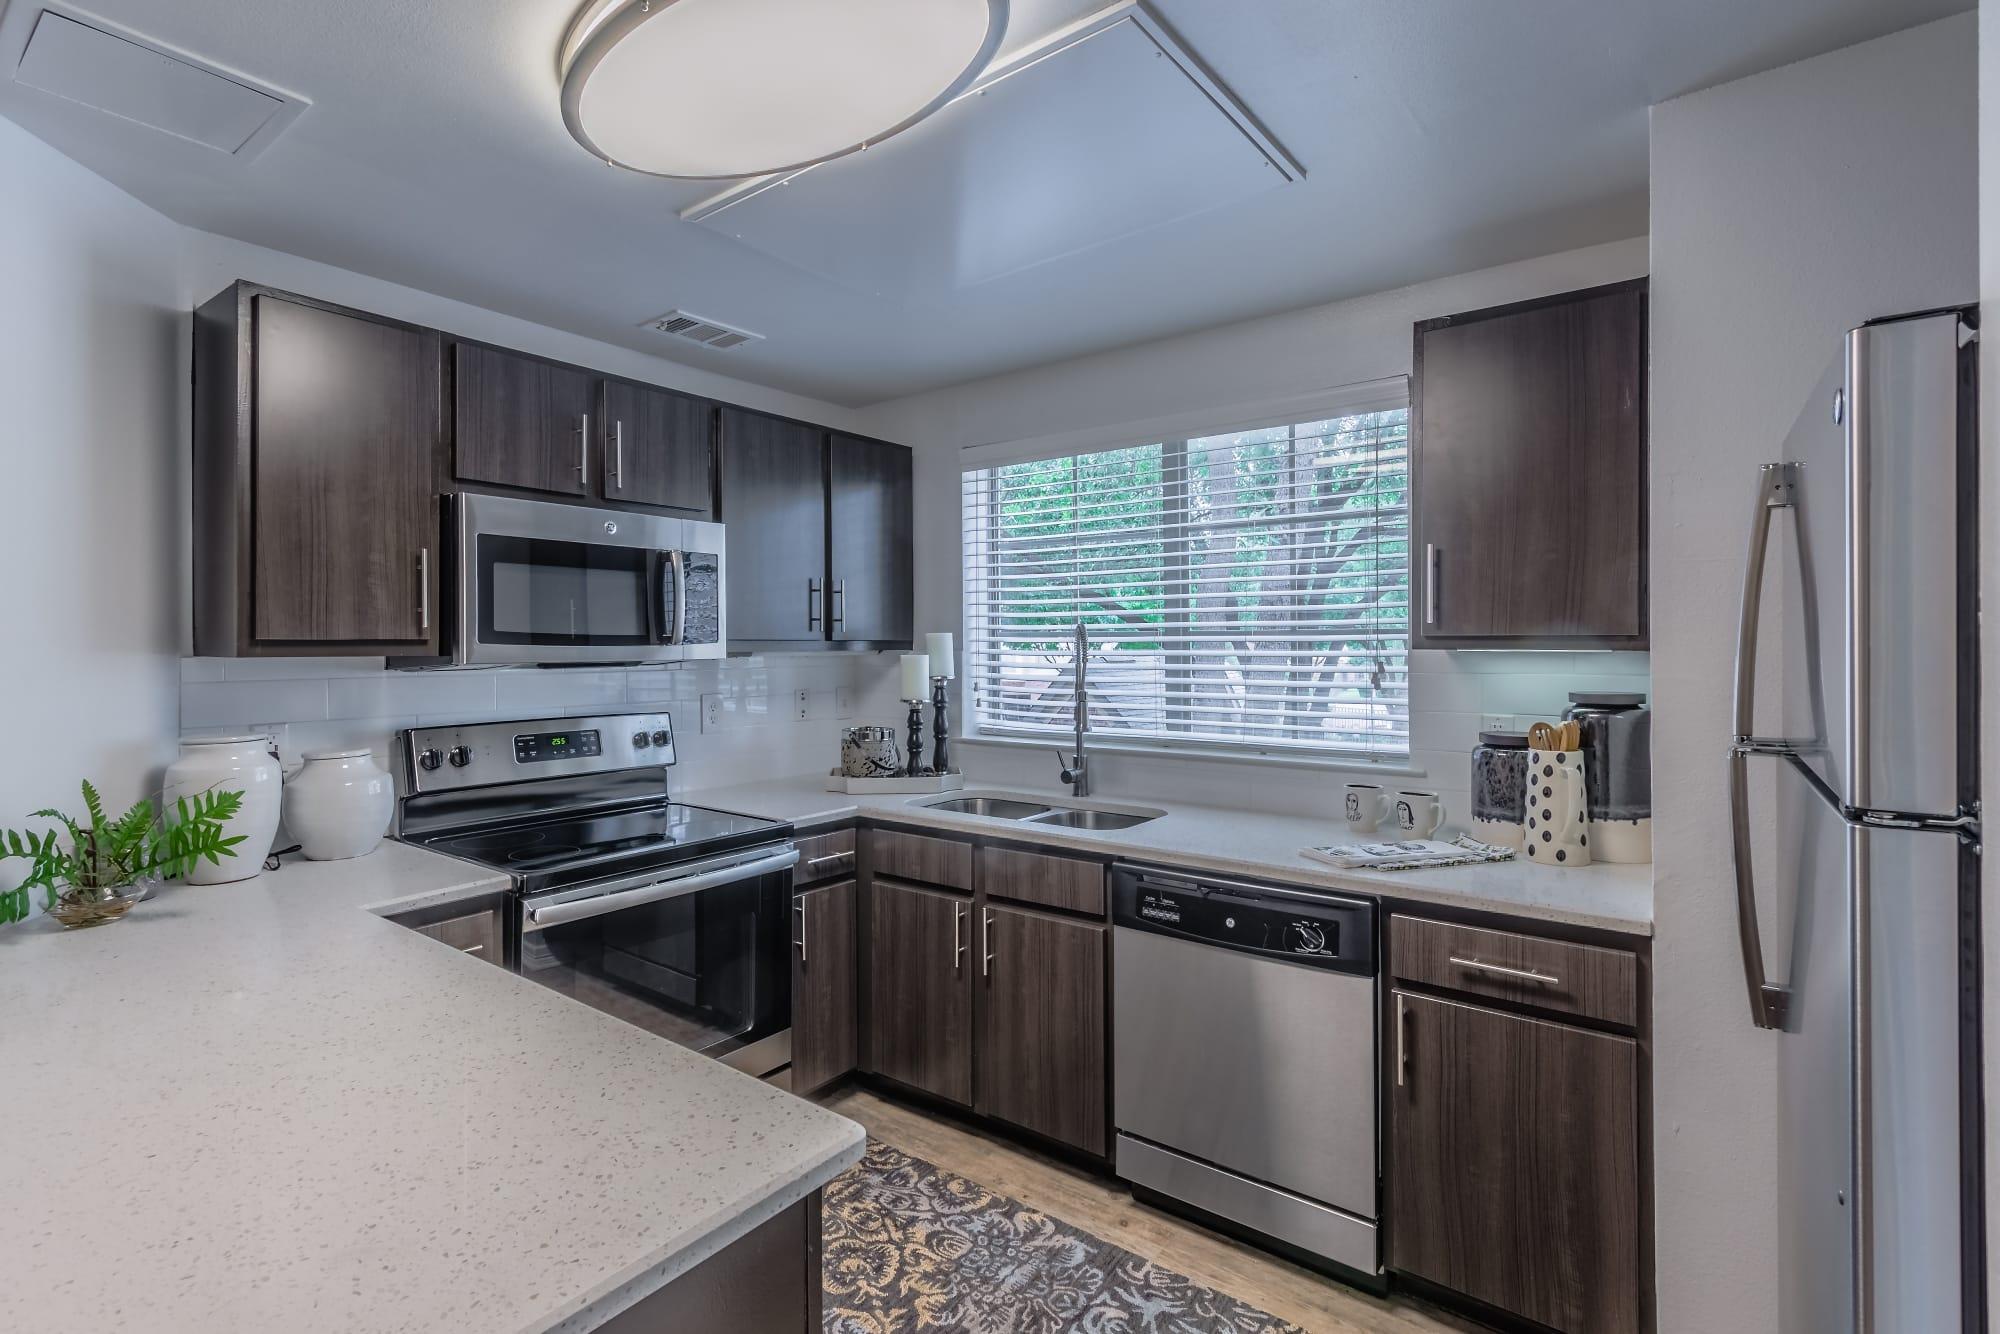 livingston-model-kitchen-2 - The Livingston on Modern Model Kitchen  id=34162